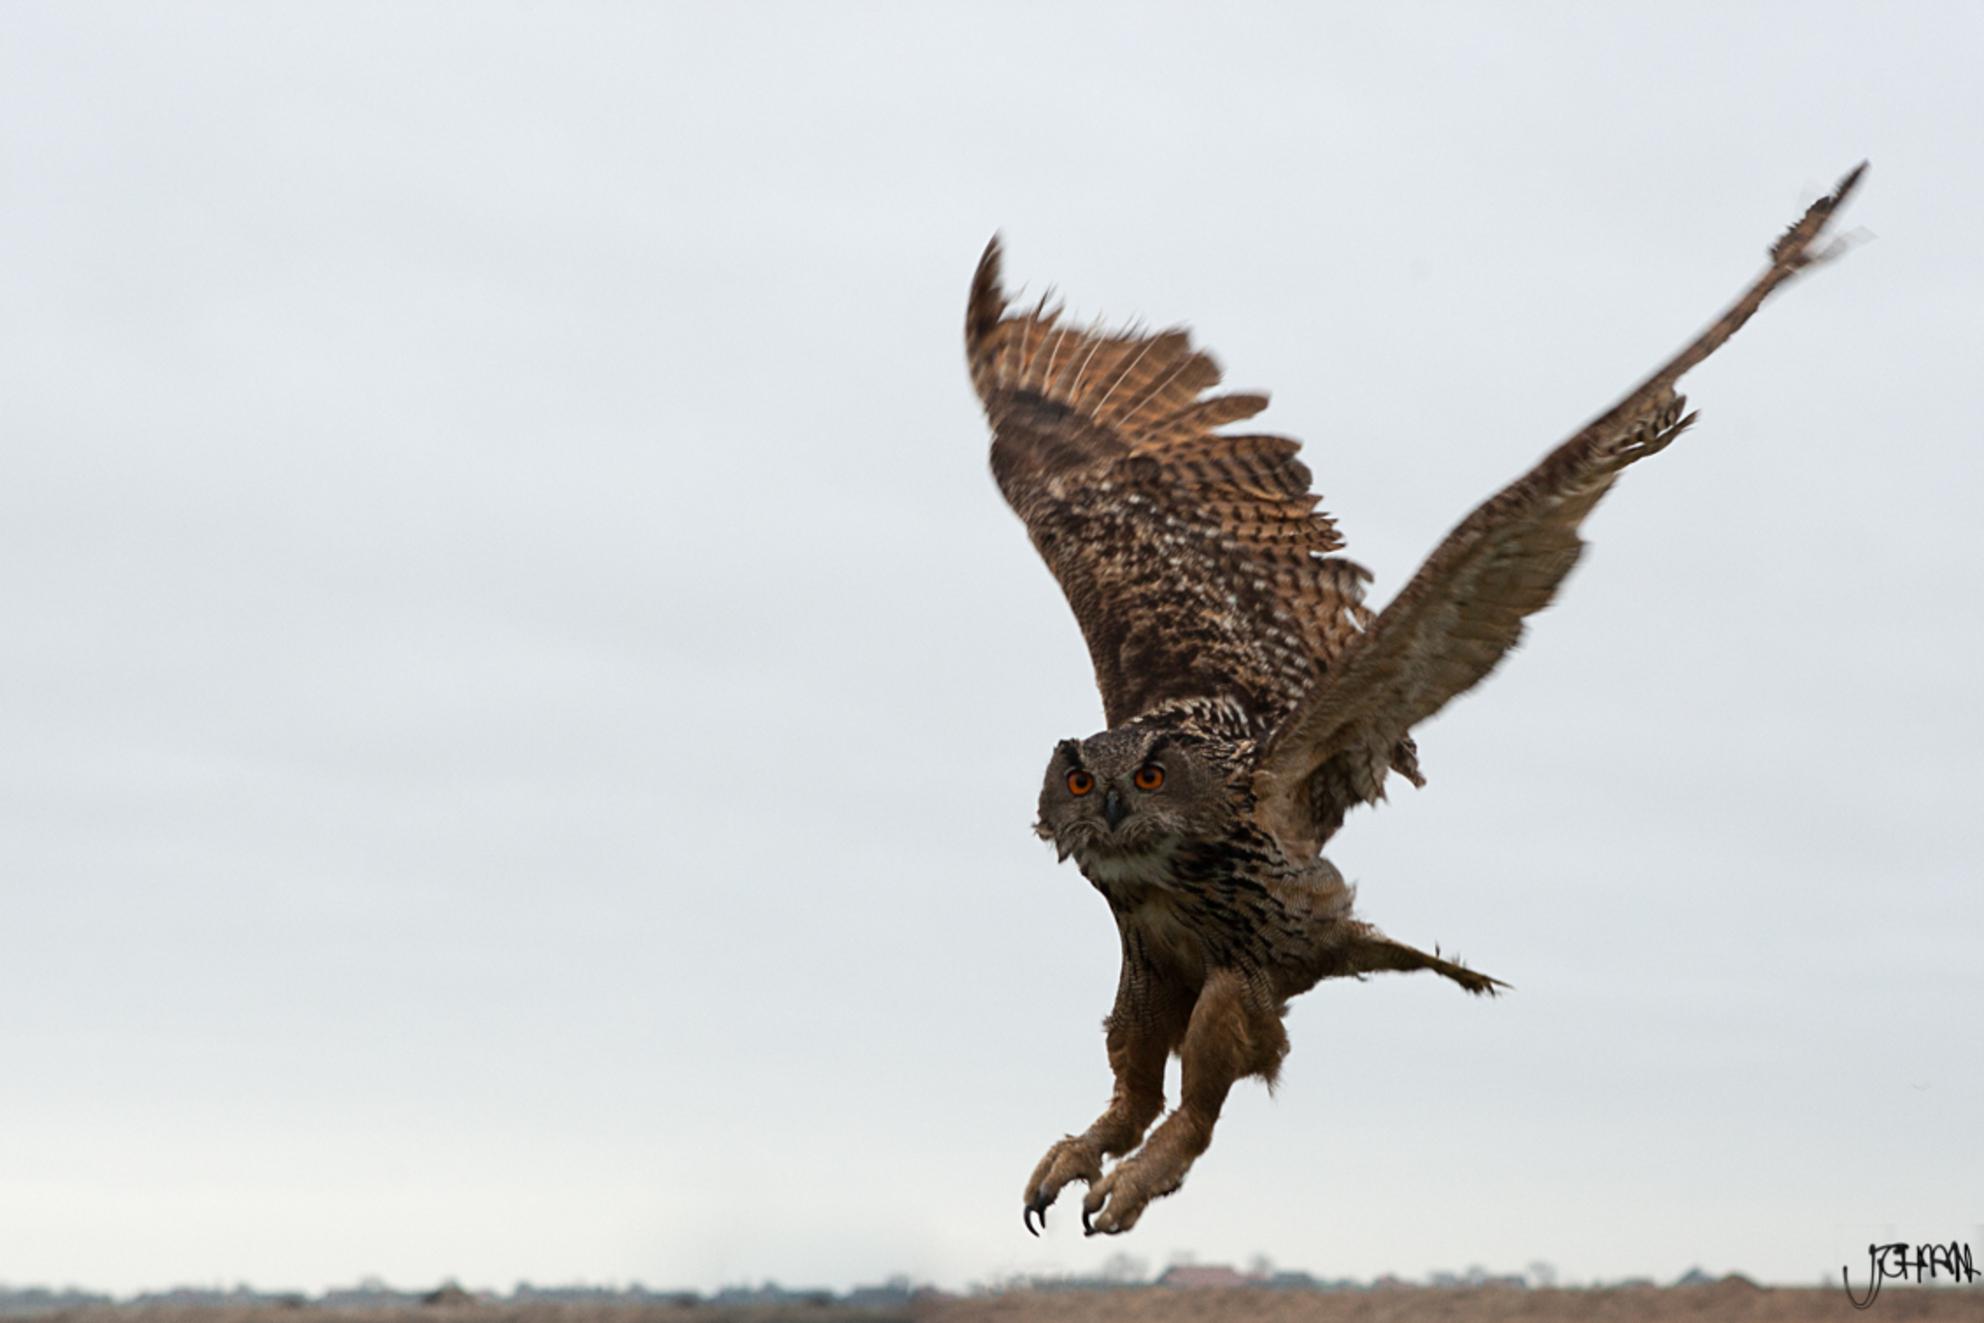 Oehoe - Een 'vluchtfoto' van de Oehoe tijdens een roofvogel demonstratie.  Instellingen: 1/500; f 5,6; iso400, 70mm - foto door oostindienjp op 09-03-2013 - deze foto bevat: texel, oehoe, vlucht, vluchtfoto, roofvoegel